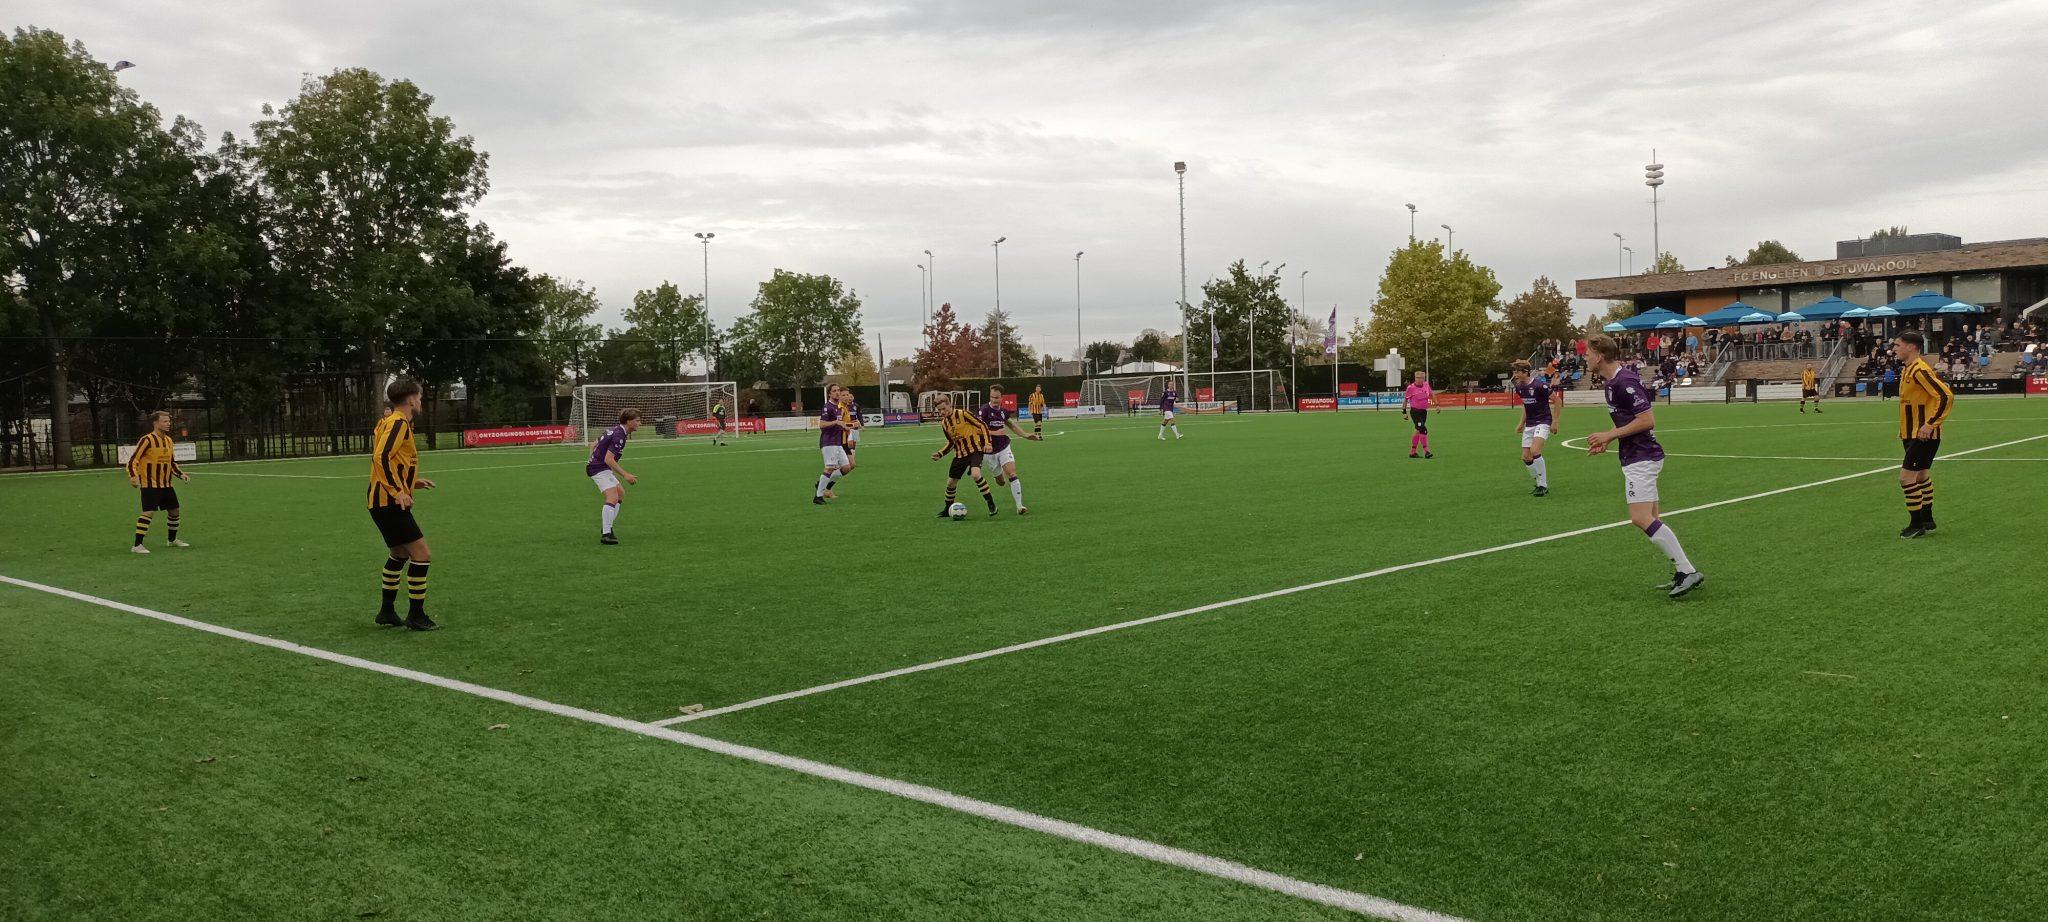 Nabeschouwing FC Engelen-Baardwijk